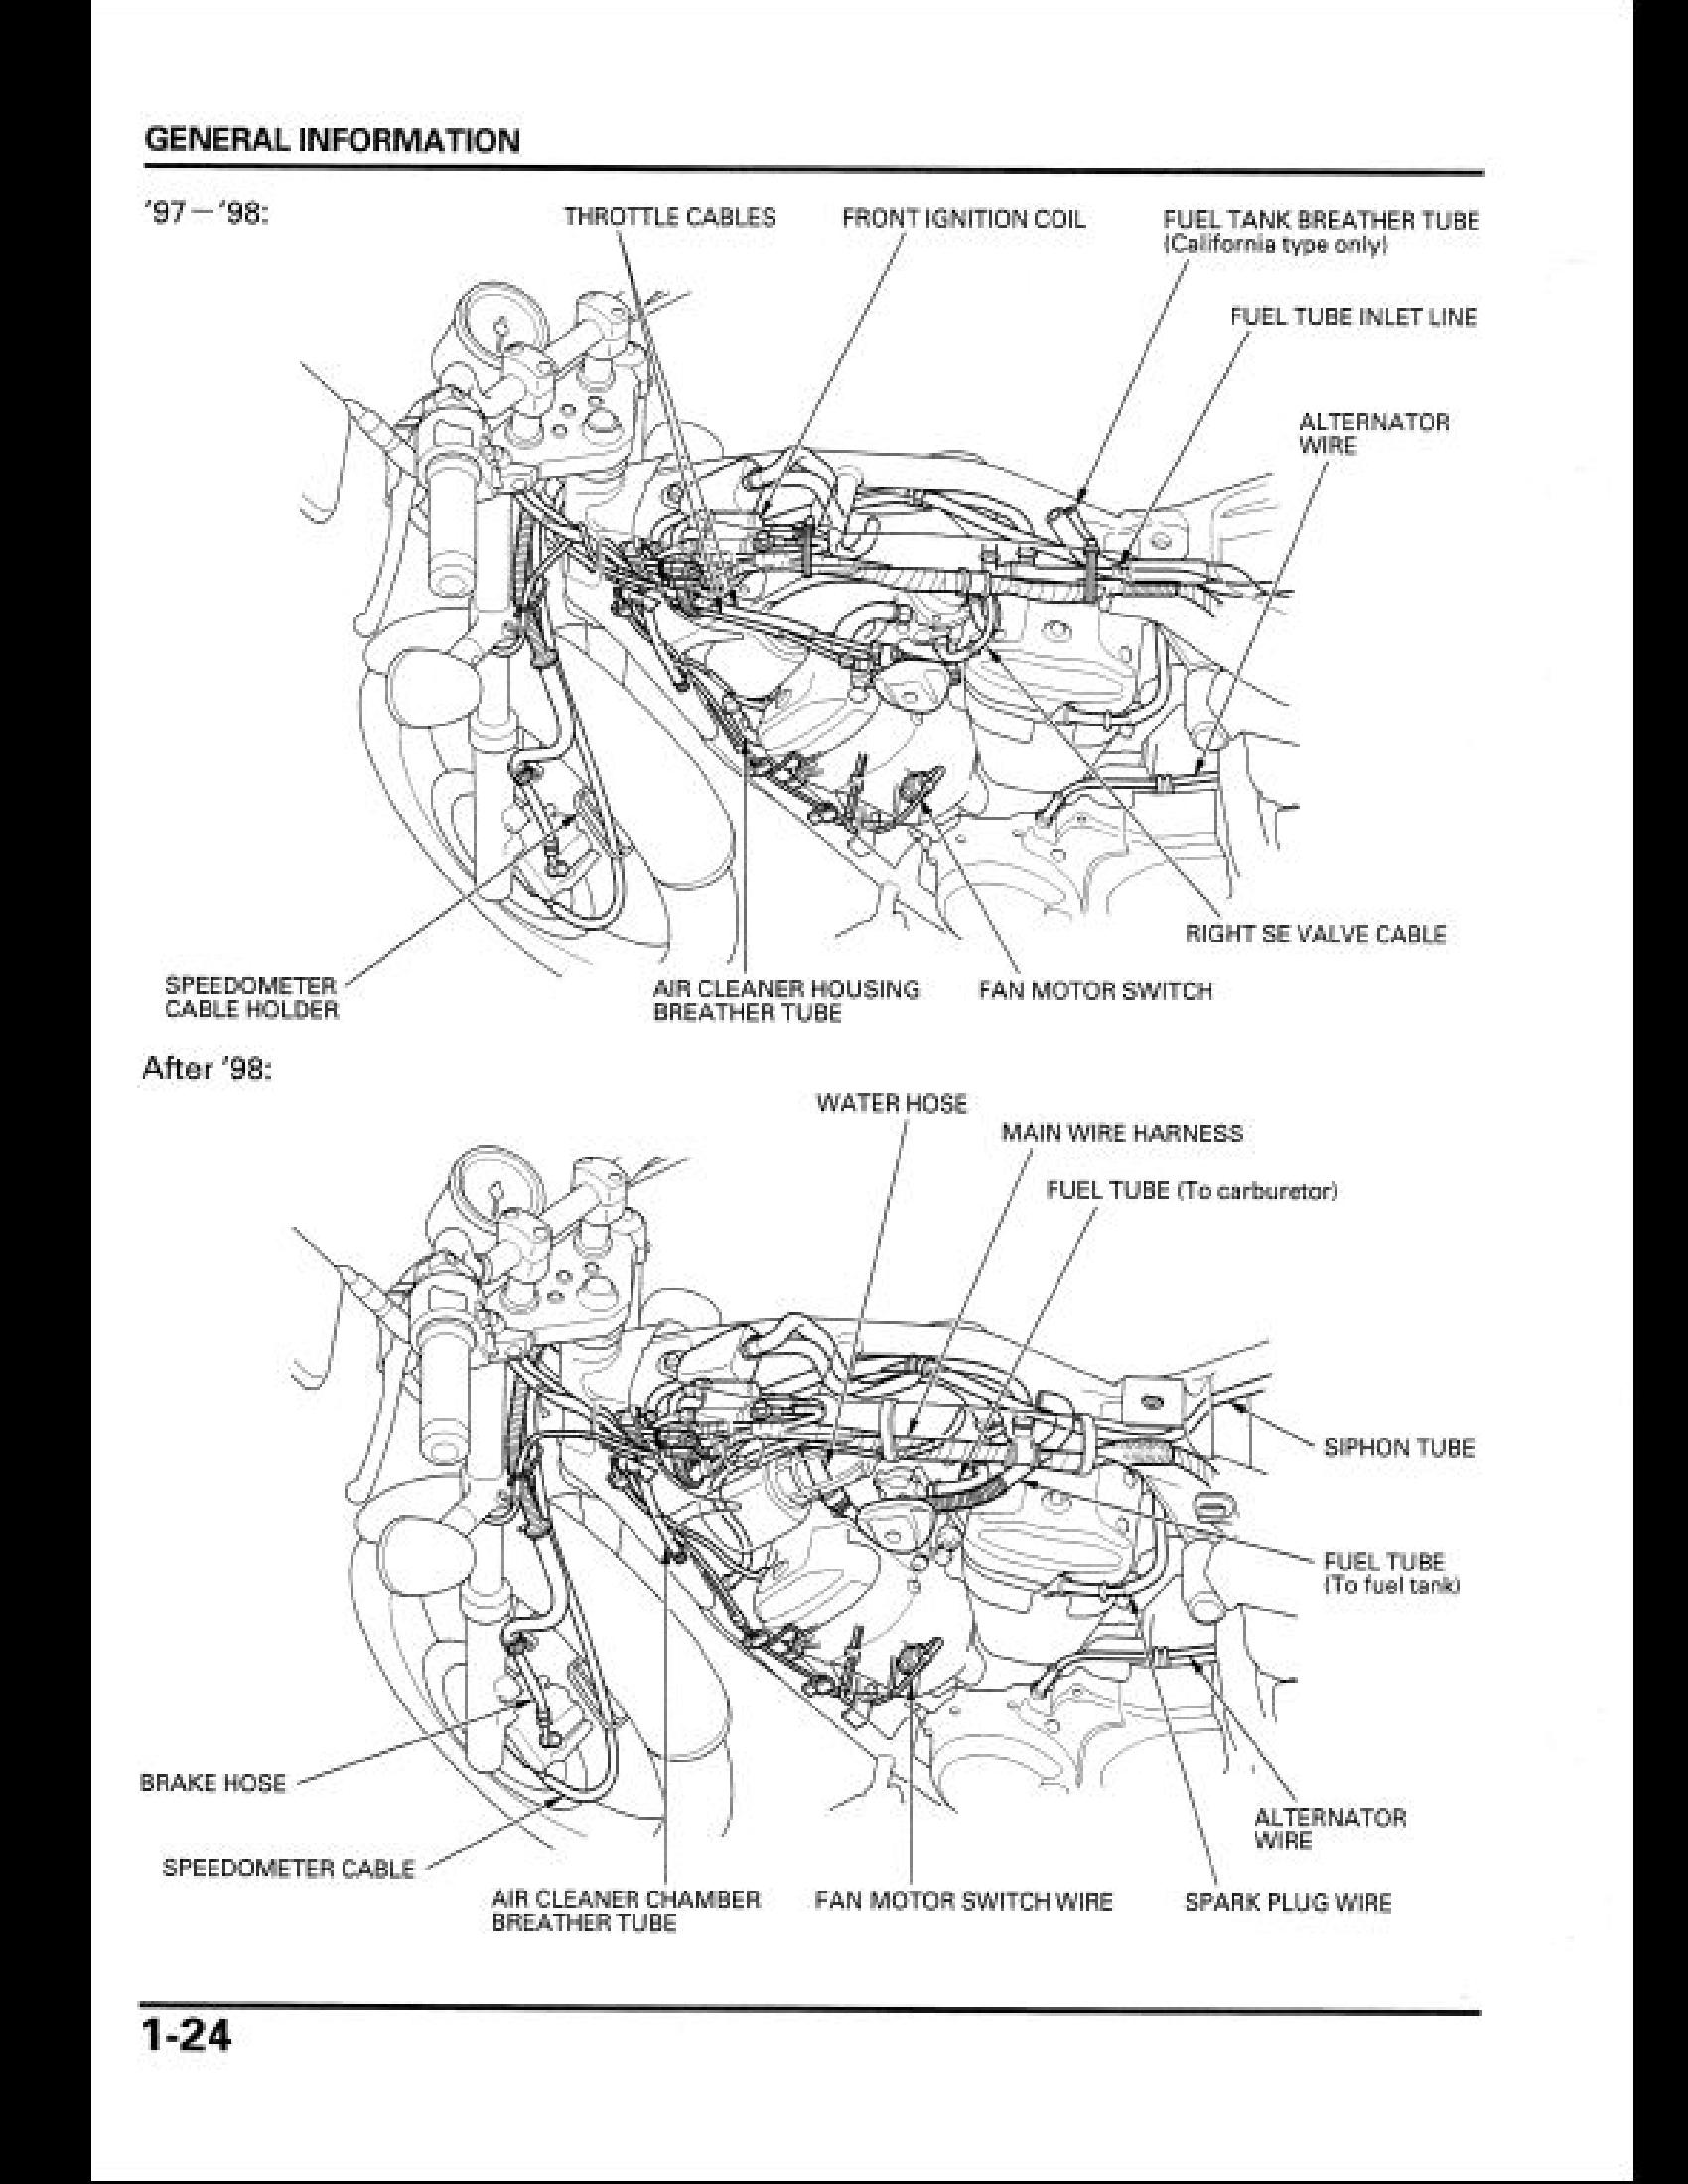 Honda CD Motocycle manual